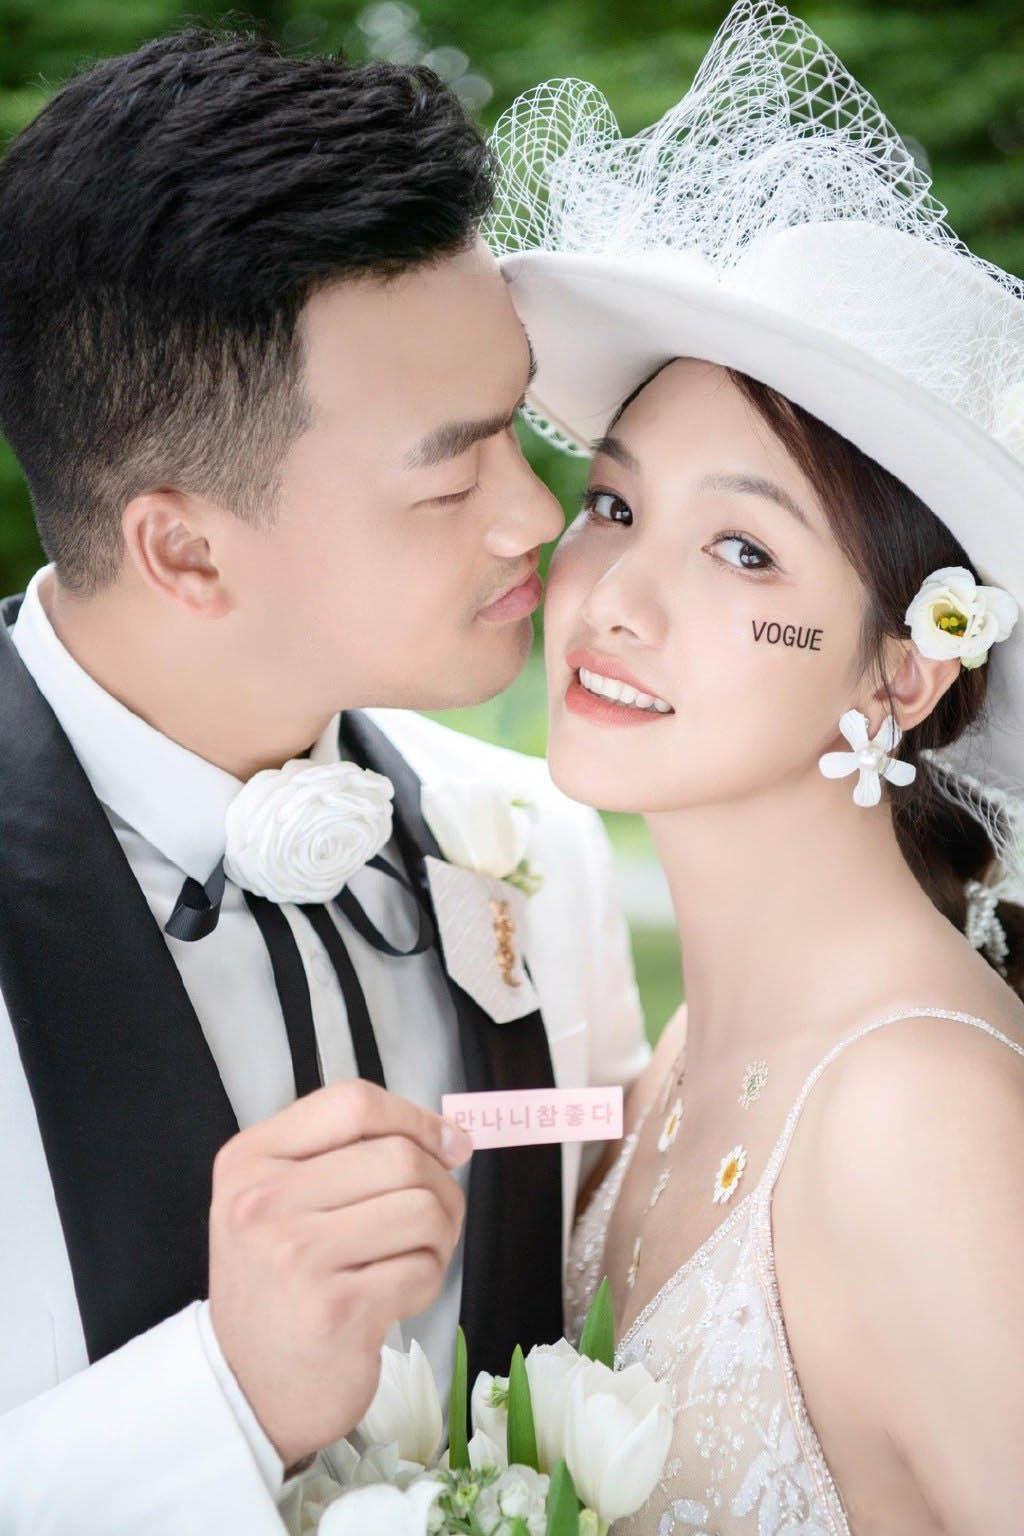 成都旅拍婚纱照 感谢铂爵旅拍给我们最棒的拍摄体验